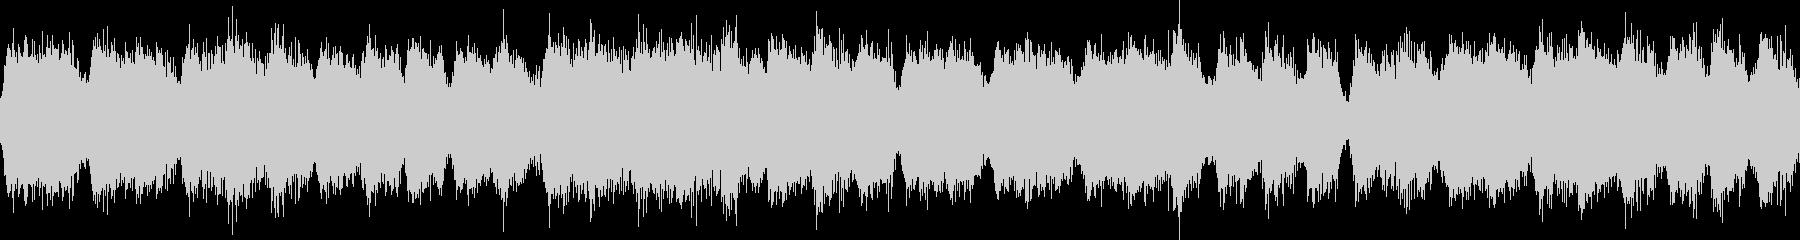 パイプオルガンの華やかなジングル_ループの未再生の波形